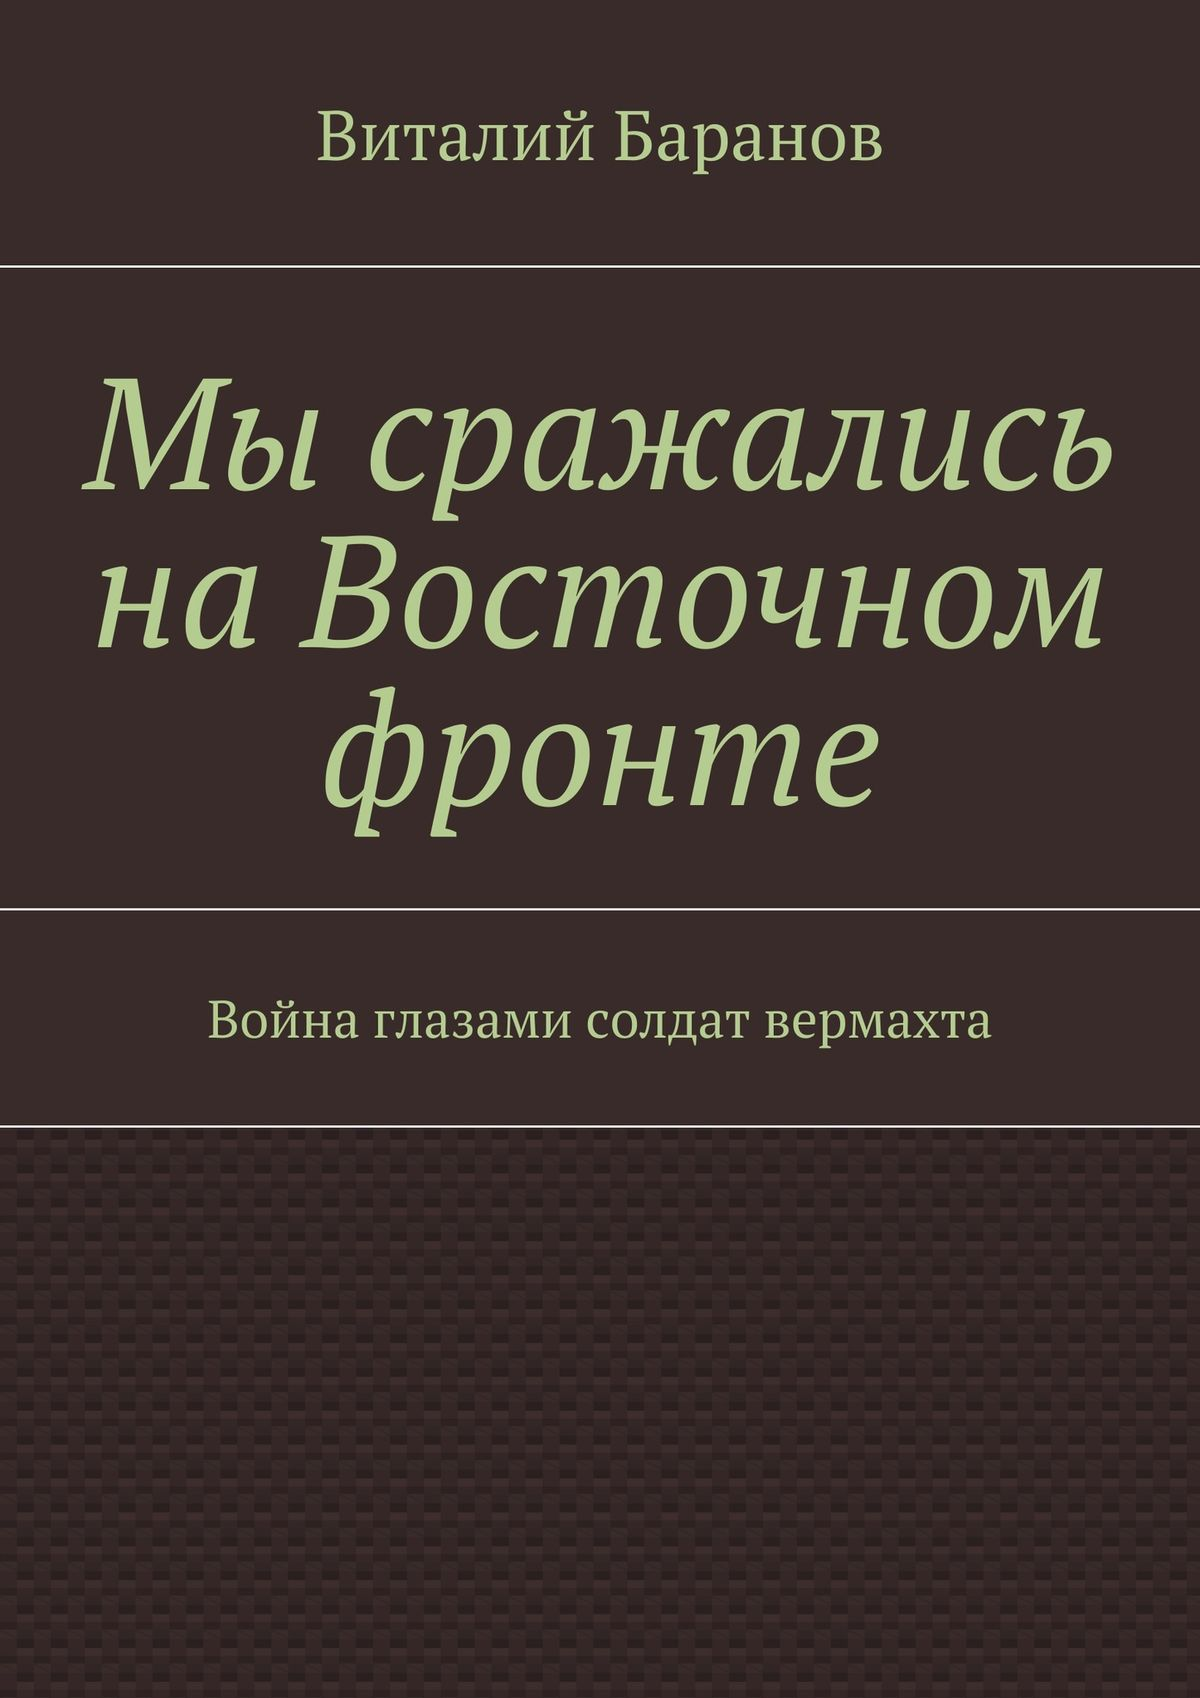 Виталий Баранов Мы сражались наВосточном фронте. Война глазами солдат вермахта цена